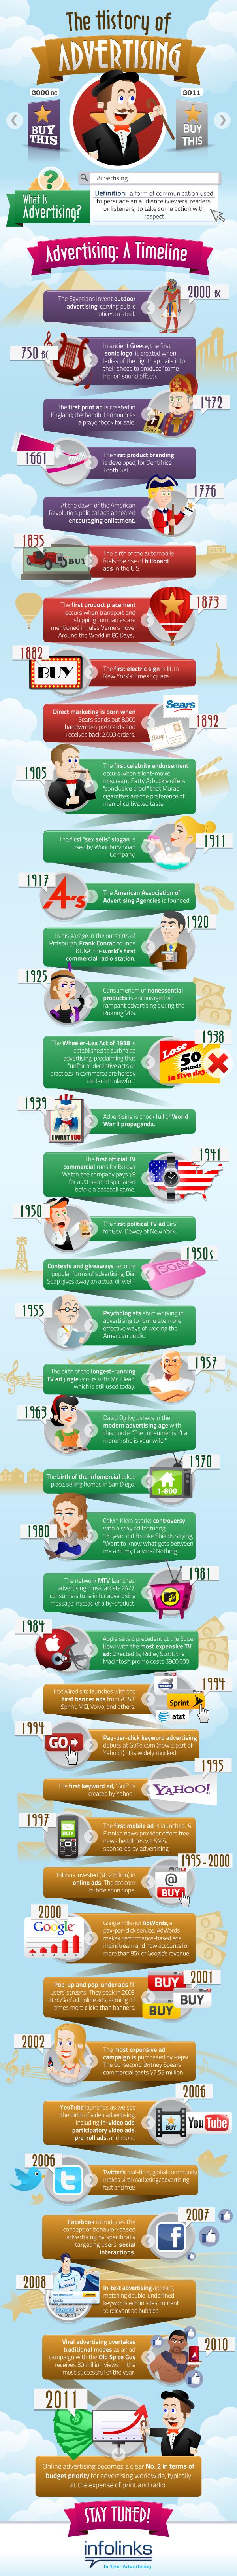 Infografia de la historia de la publicidad en ingles